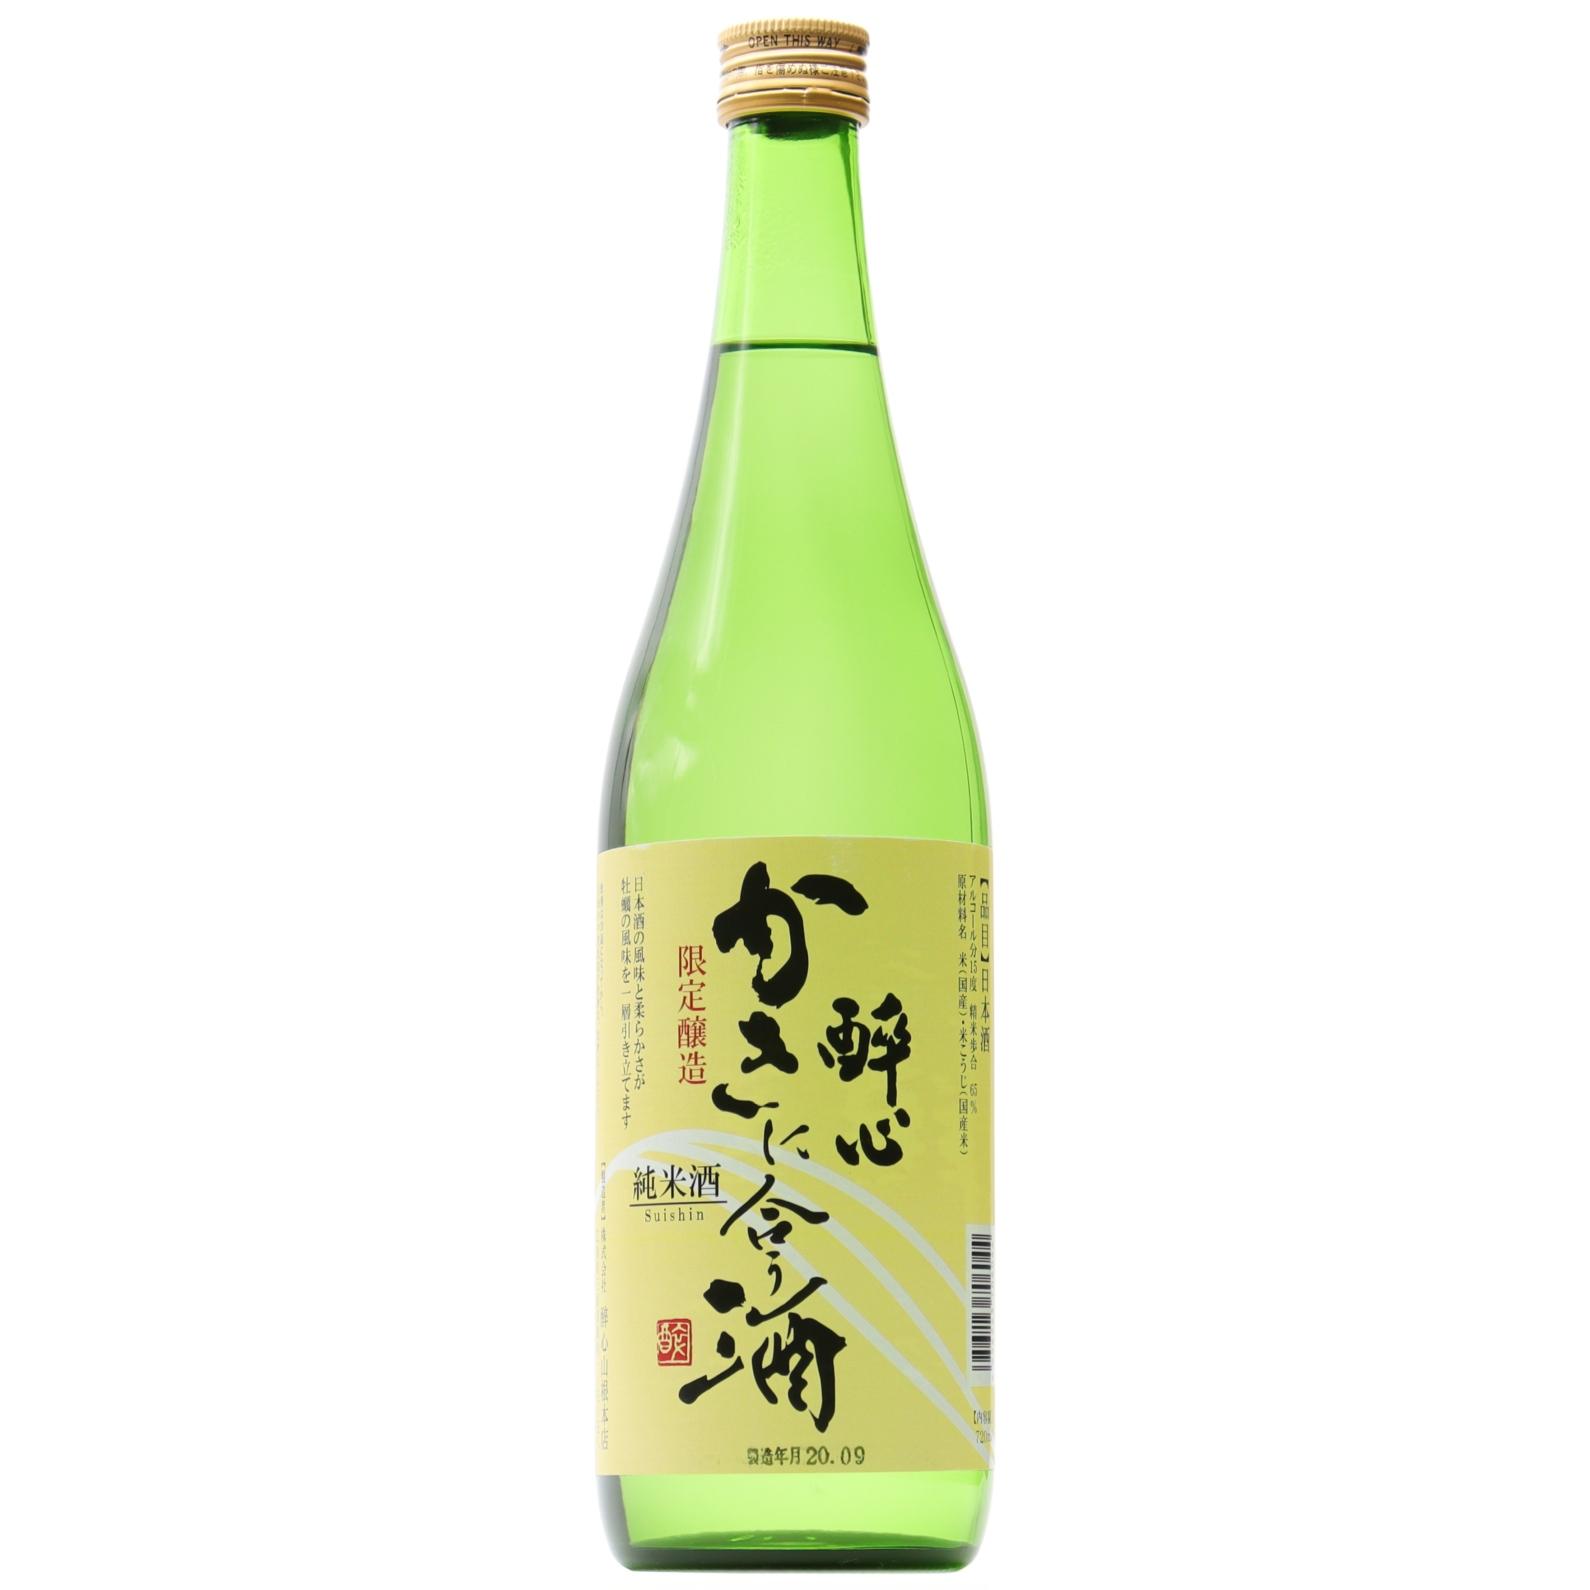 醉心 かきに合うお酒 純米酒